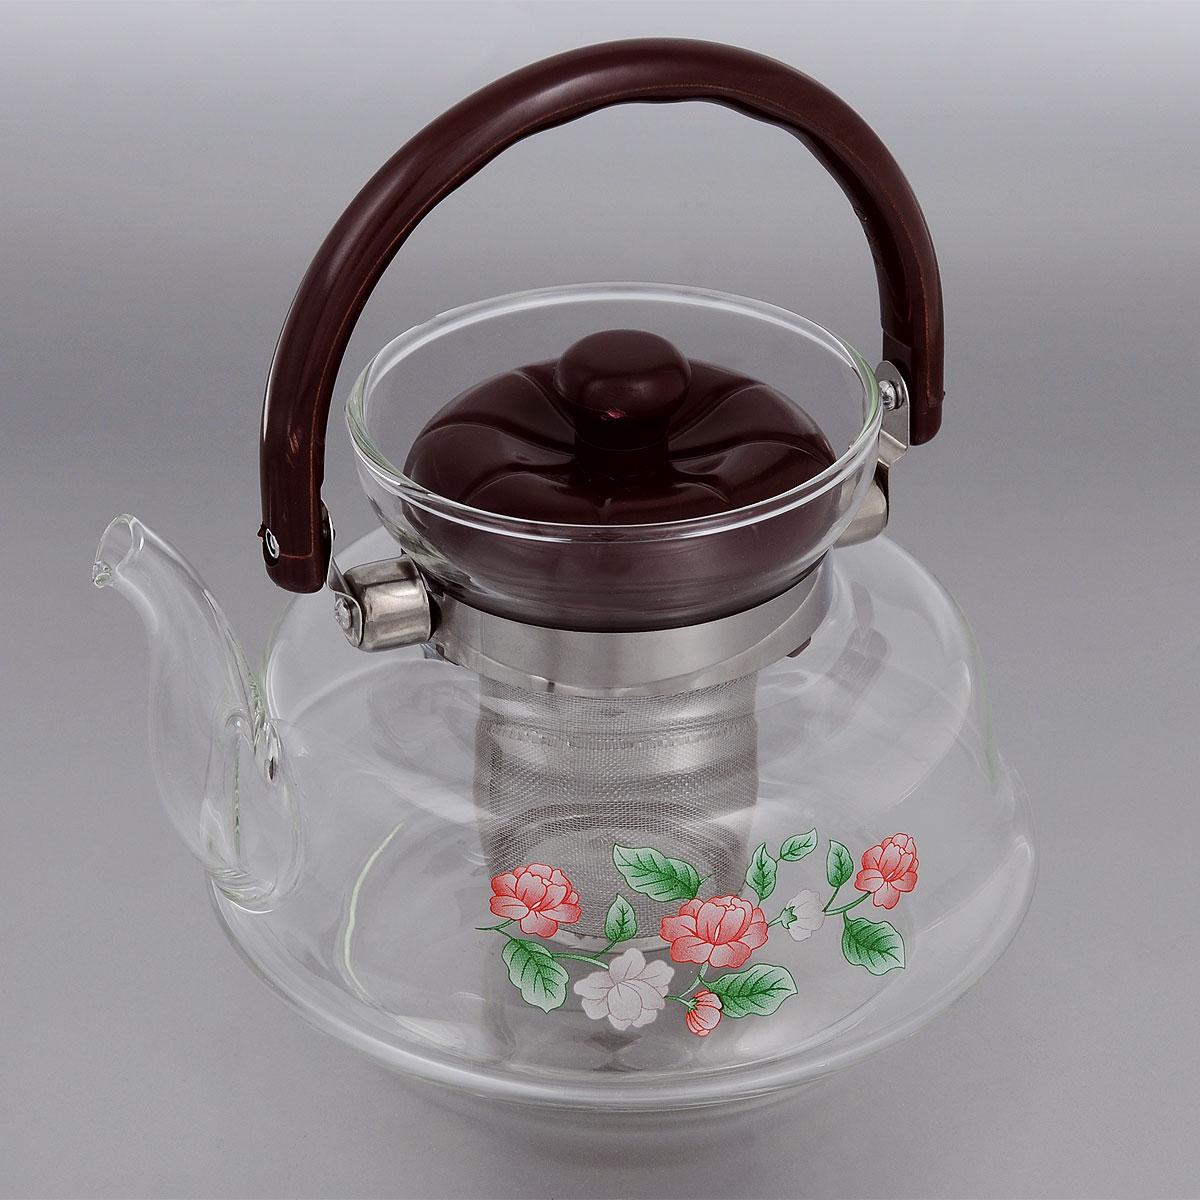 Чайник заварочный Mayer & Boch, с фильтром, 1,4 л. 25902590Заварочный чайник Mayer & Boch, выполненный из термостойкого стекла, предоставит вам все необходимые возможности для успешного заваривания чая. Изделие оснащено пластиковой ручкой, крышкой и сетчатым фильтром из нержавеющей стали, который задерживает чаинки и предотвращает их попадание в чашку. Чай в таком чайнике дольше остается горячим, а полезные и ароматические вещества полностью сохраняются в напитке. Эстетичный и функциональный чайник будет оригинально смотреться в любом интерьере. Диаметр чайника (по верхнему краю): 9,5 см. Высота чайника (с учетом ручки и крышки): 19 см. Высота чайника (без учета ручки и крышки): 13 см. Высота фильтра: 7,5 см.